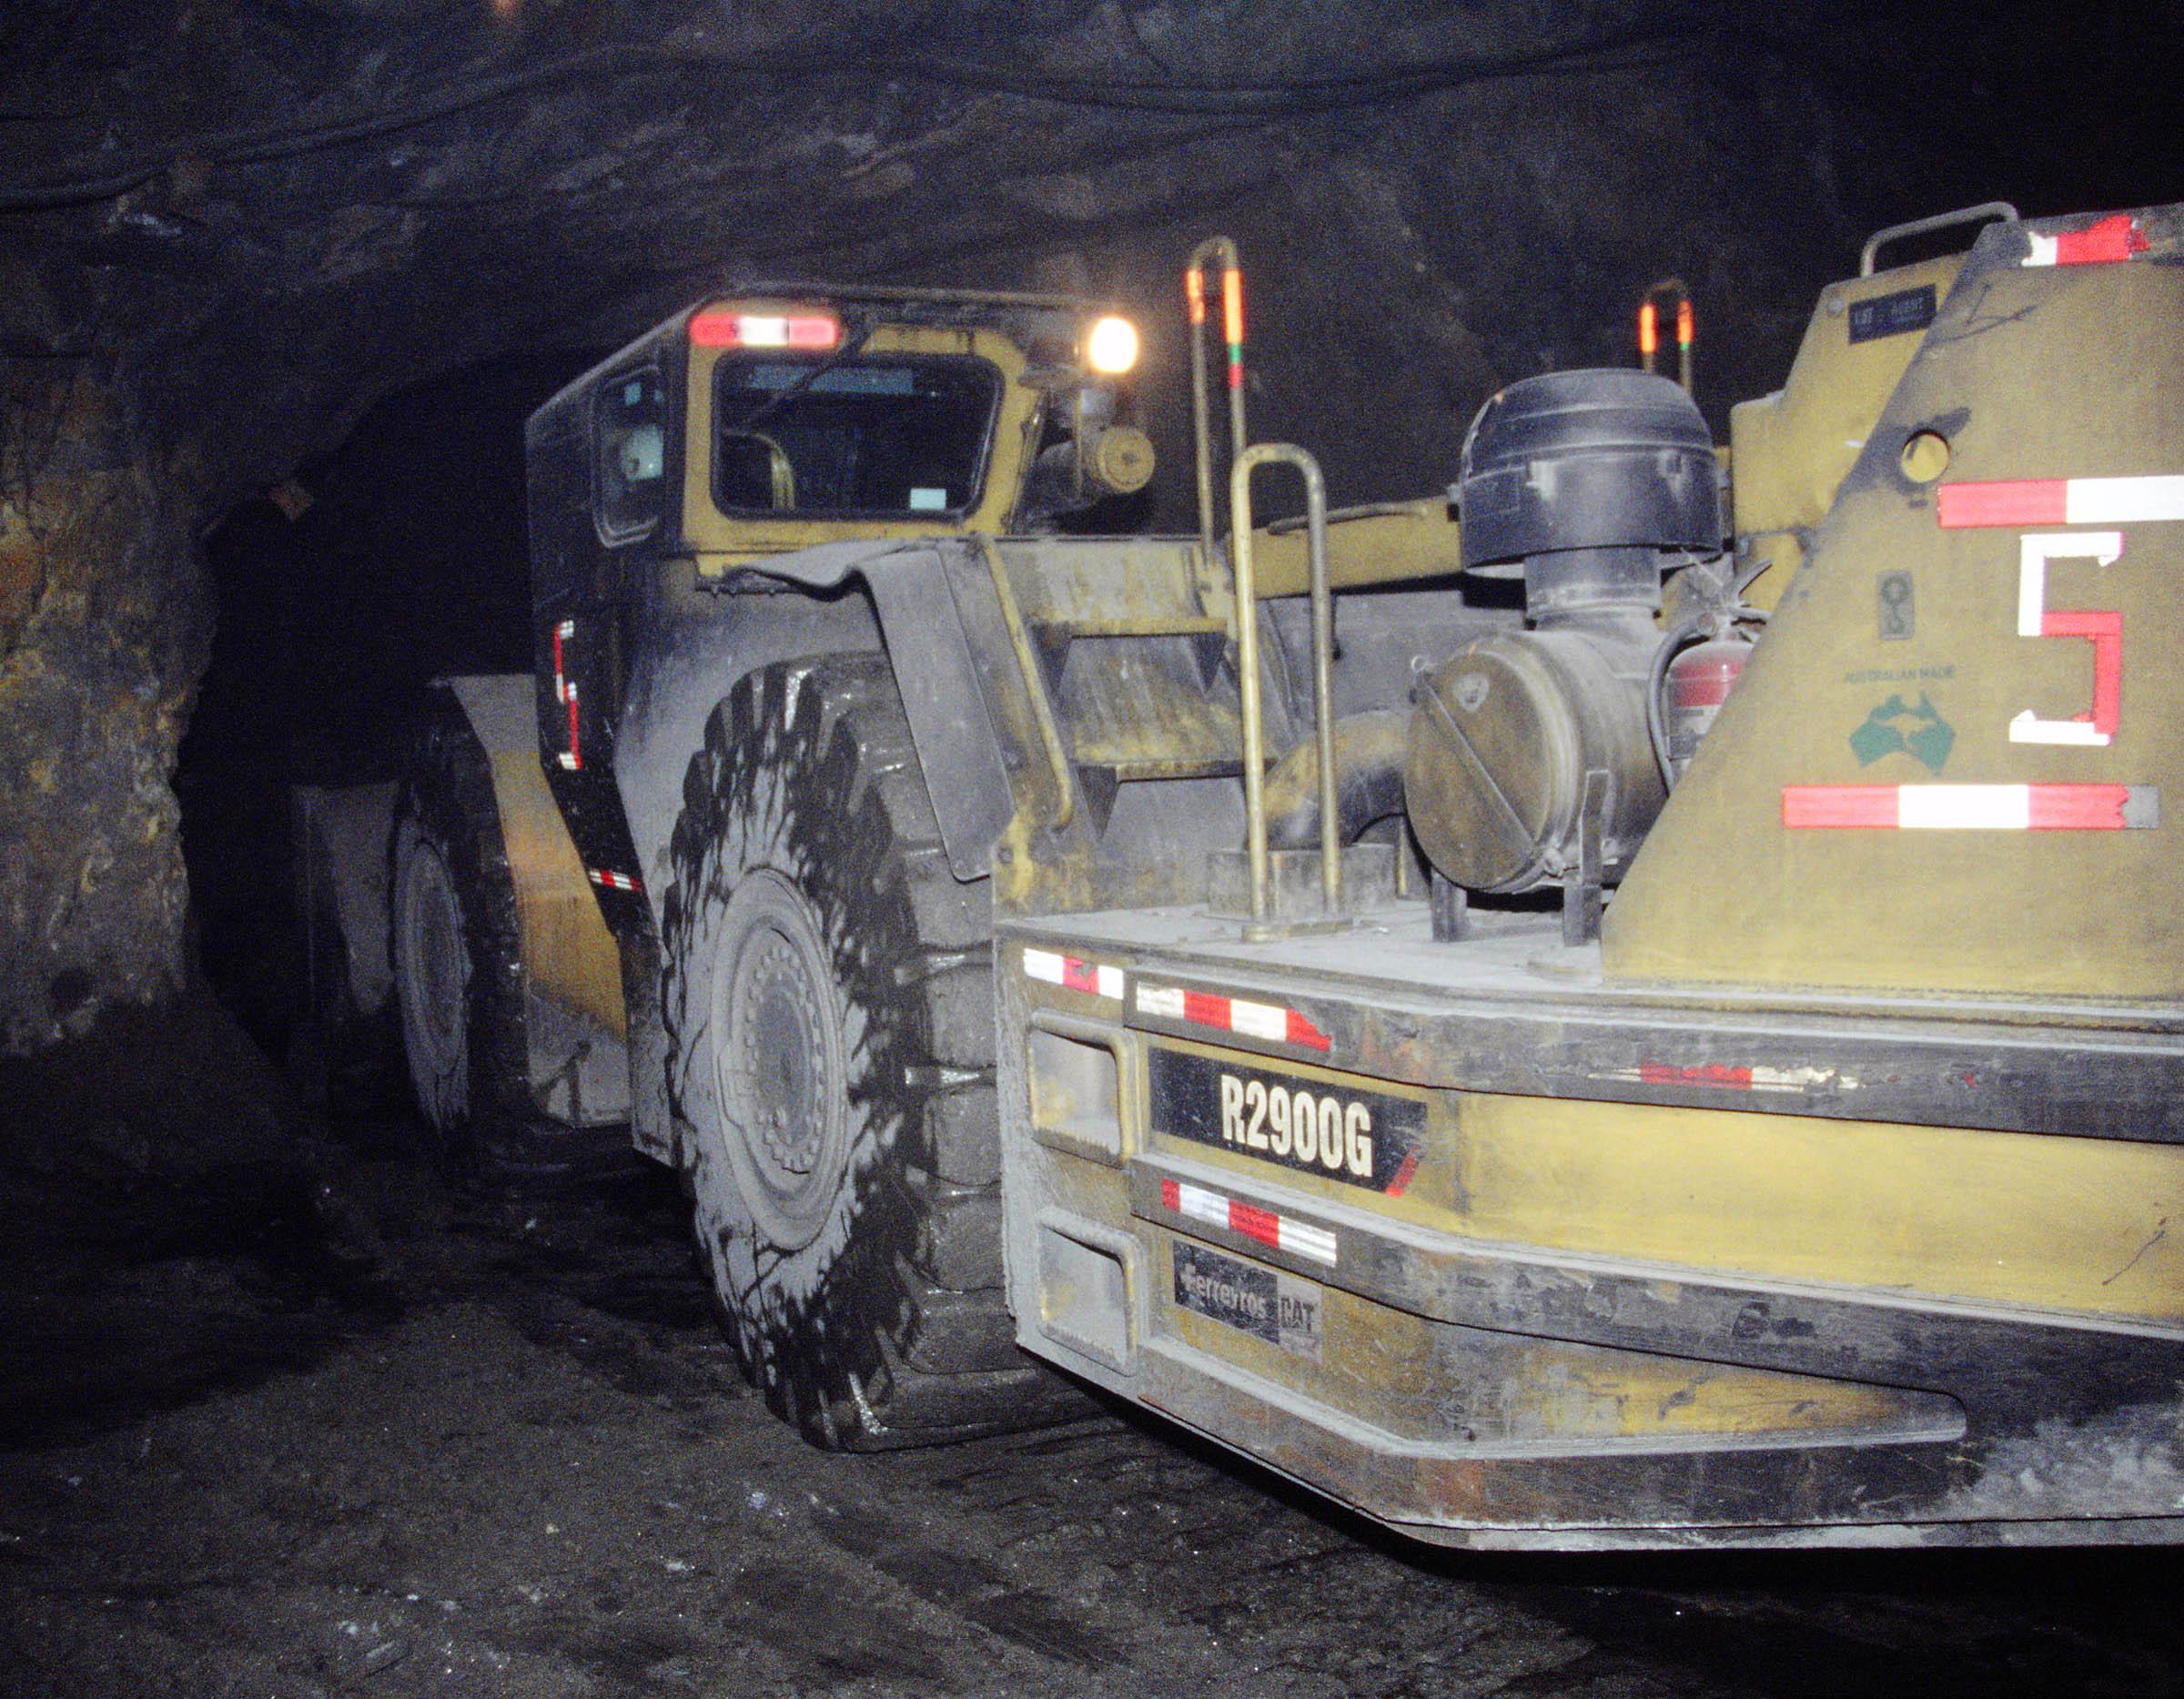 Un R2900G transporta más de 17 toneladas de mineral denso.